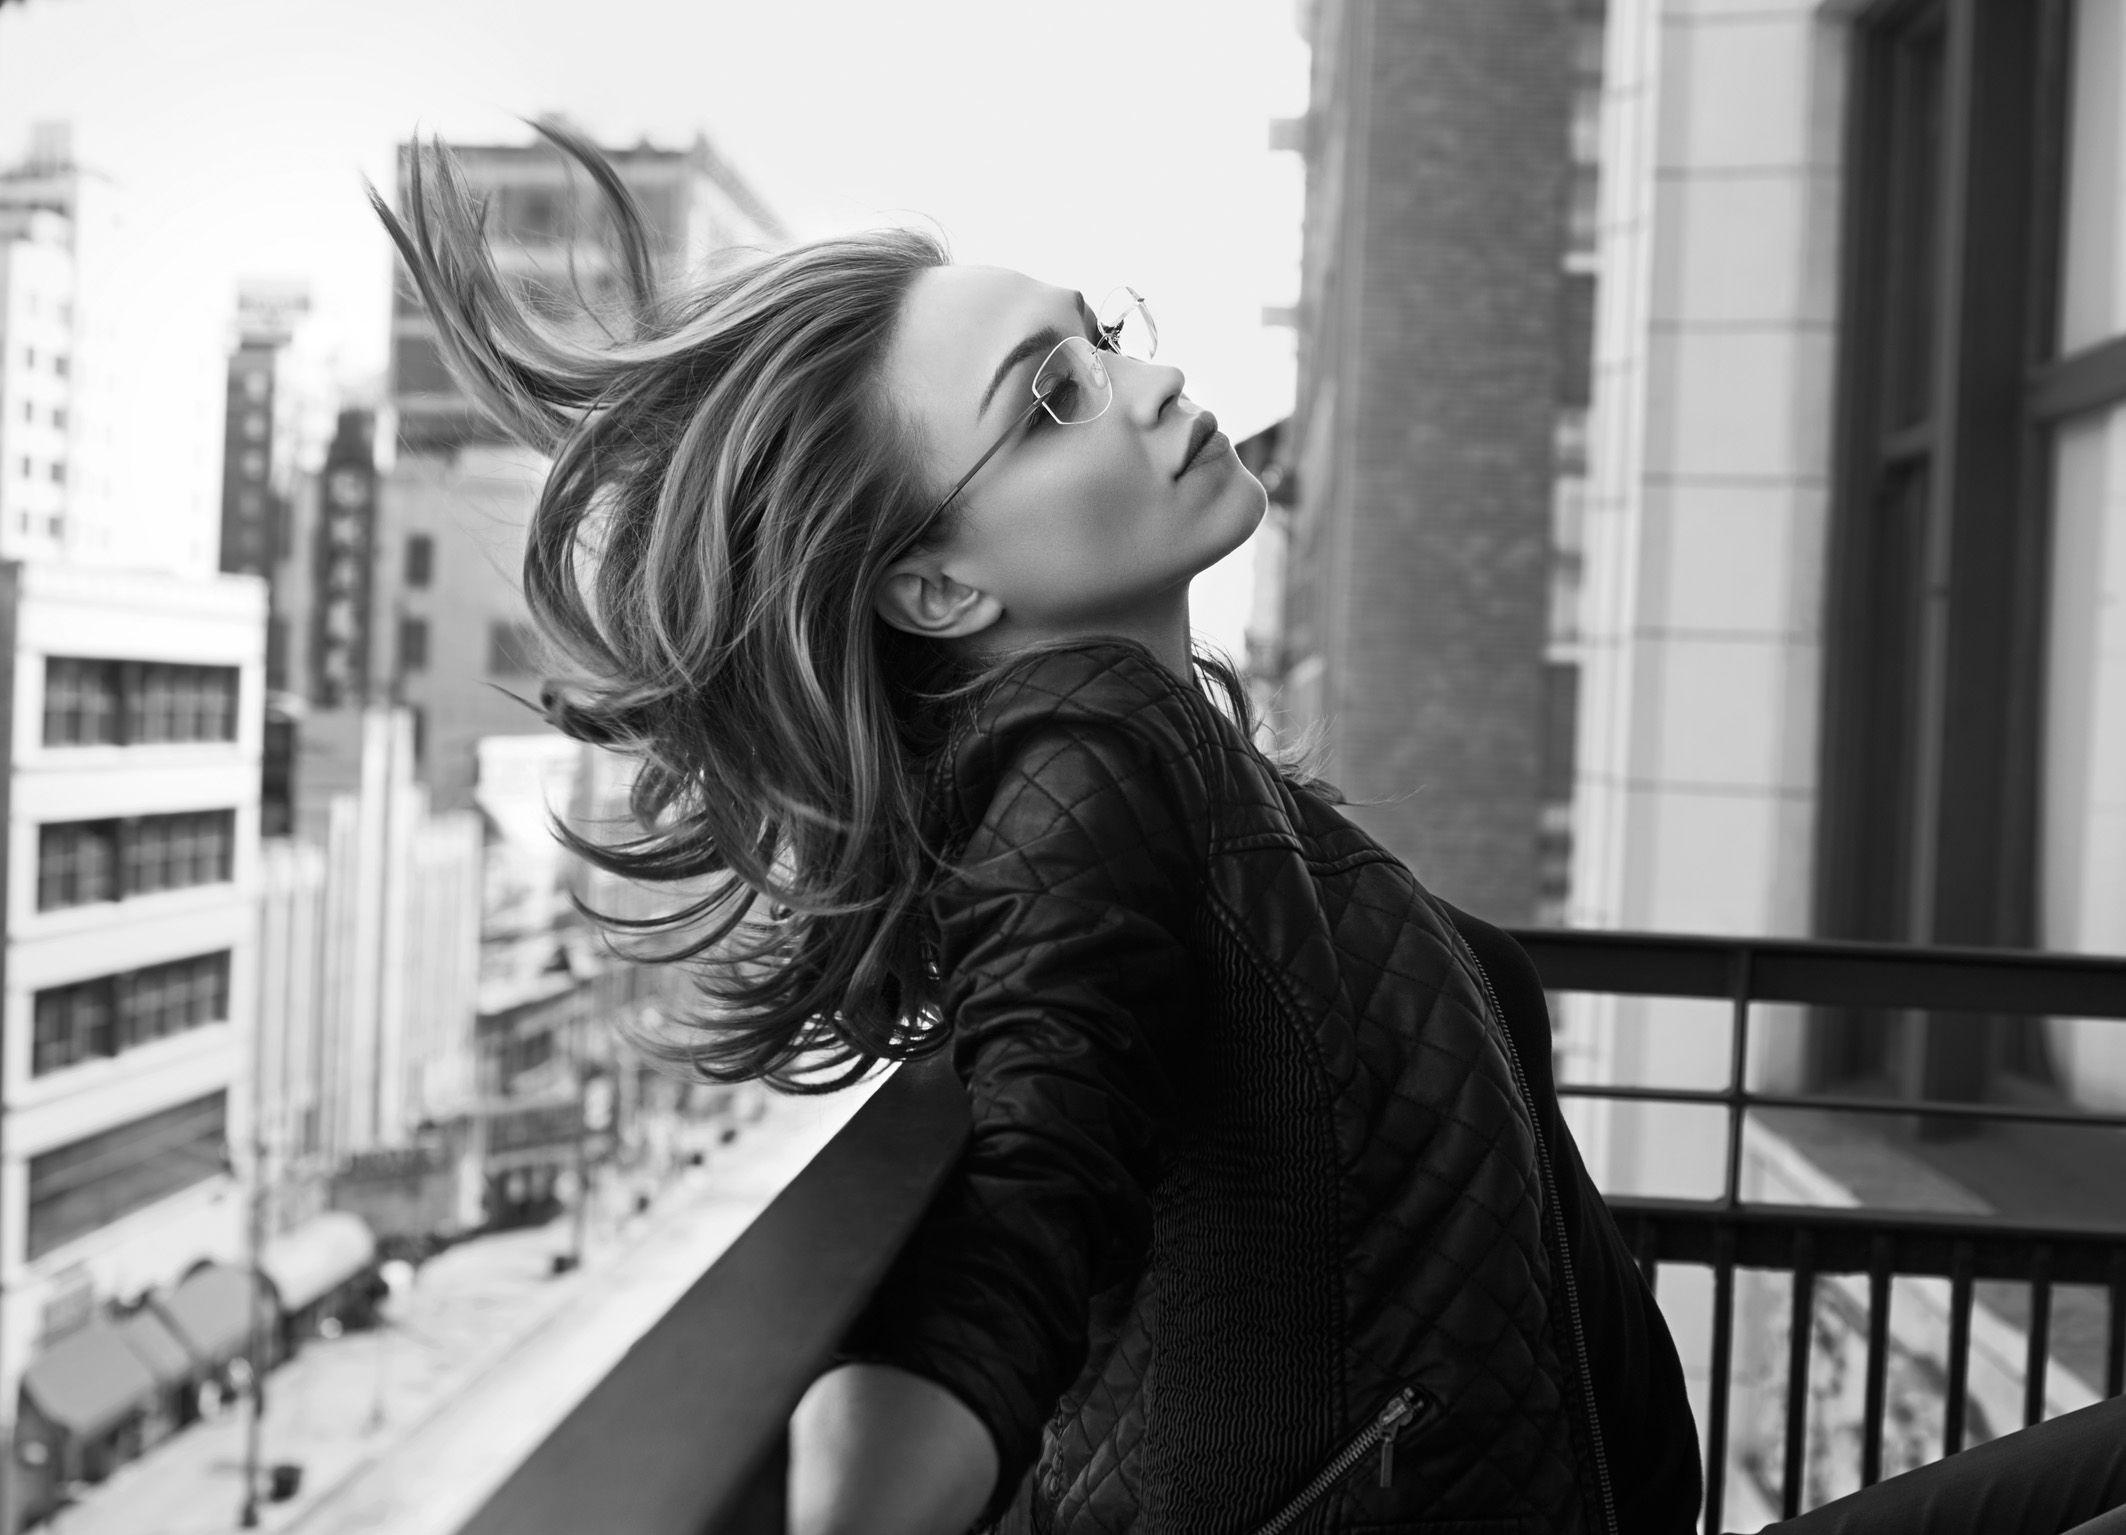 Silhouette eyewear - Cosmopolitan. FEEL LITE. SHOW STYLE. http://www.optiekvanderlinden.be/silhouette.html